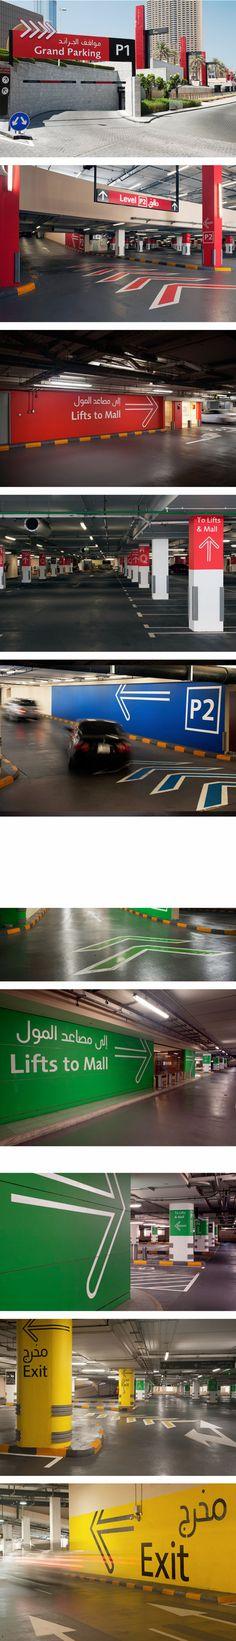 转载:迪拜购物中心停车场导视系统欣赏_...@魔镜秀秀采集到商场导视(8图)_花瓣平面设计